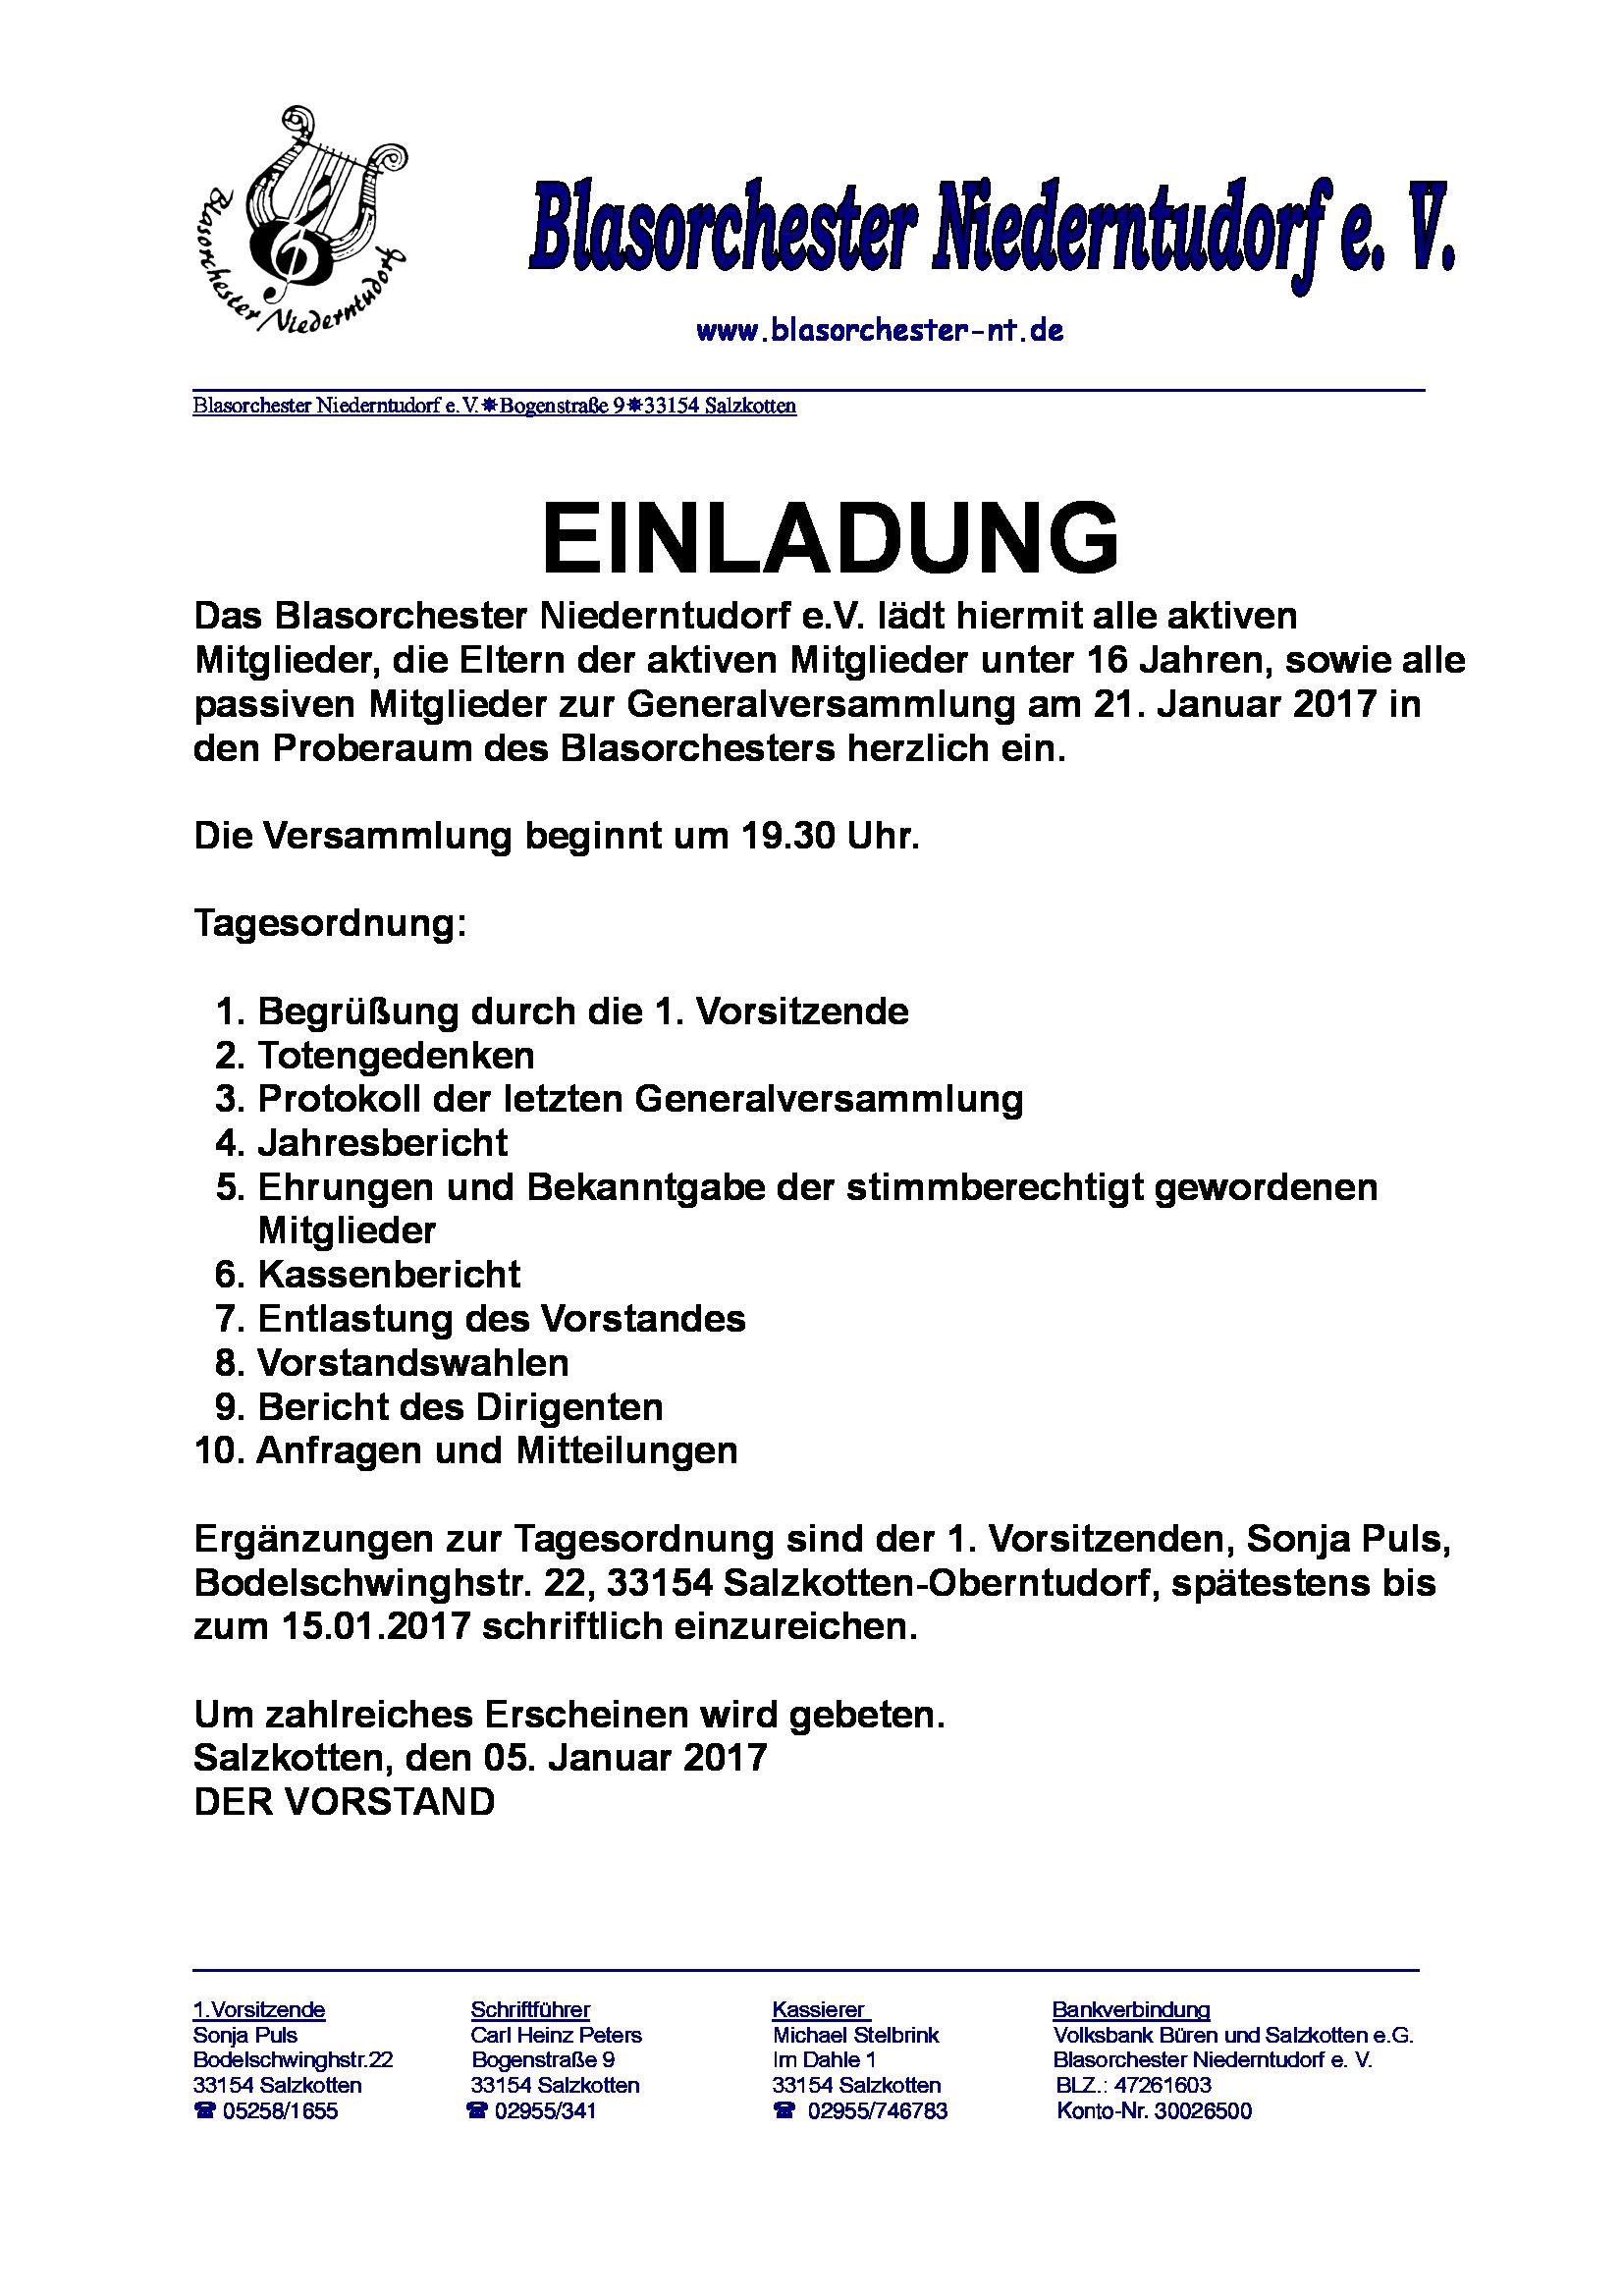 blo-einladung-generalversammlung-2017-docx